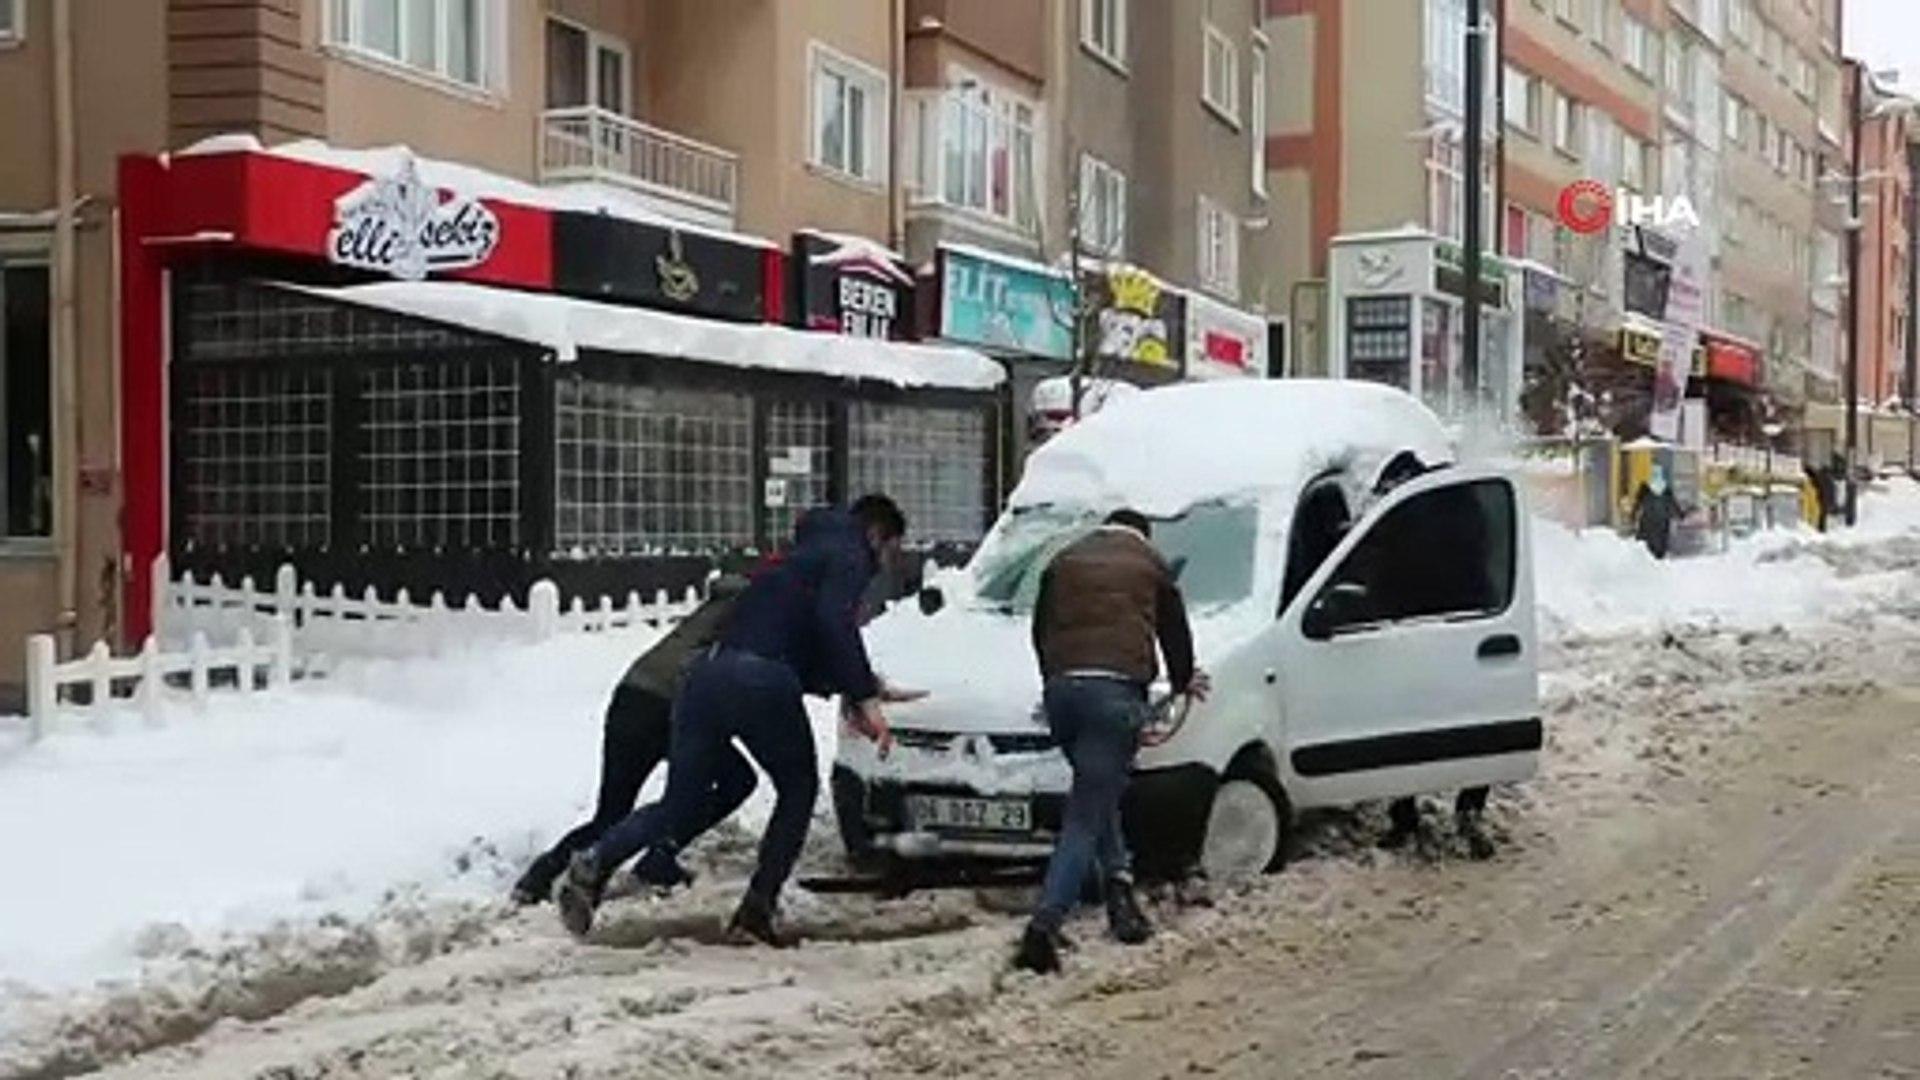 Eksi 17 derecede araçlar karda kayboldu, Kızılırmak dondu